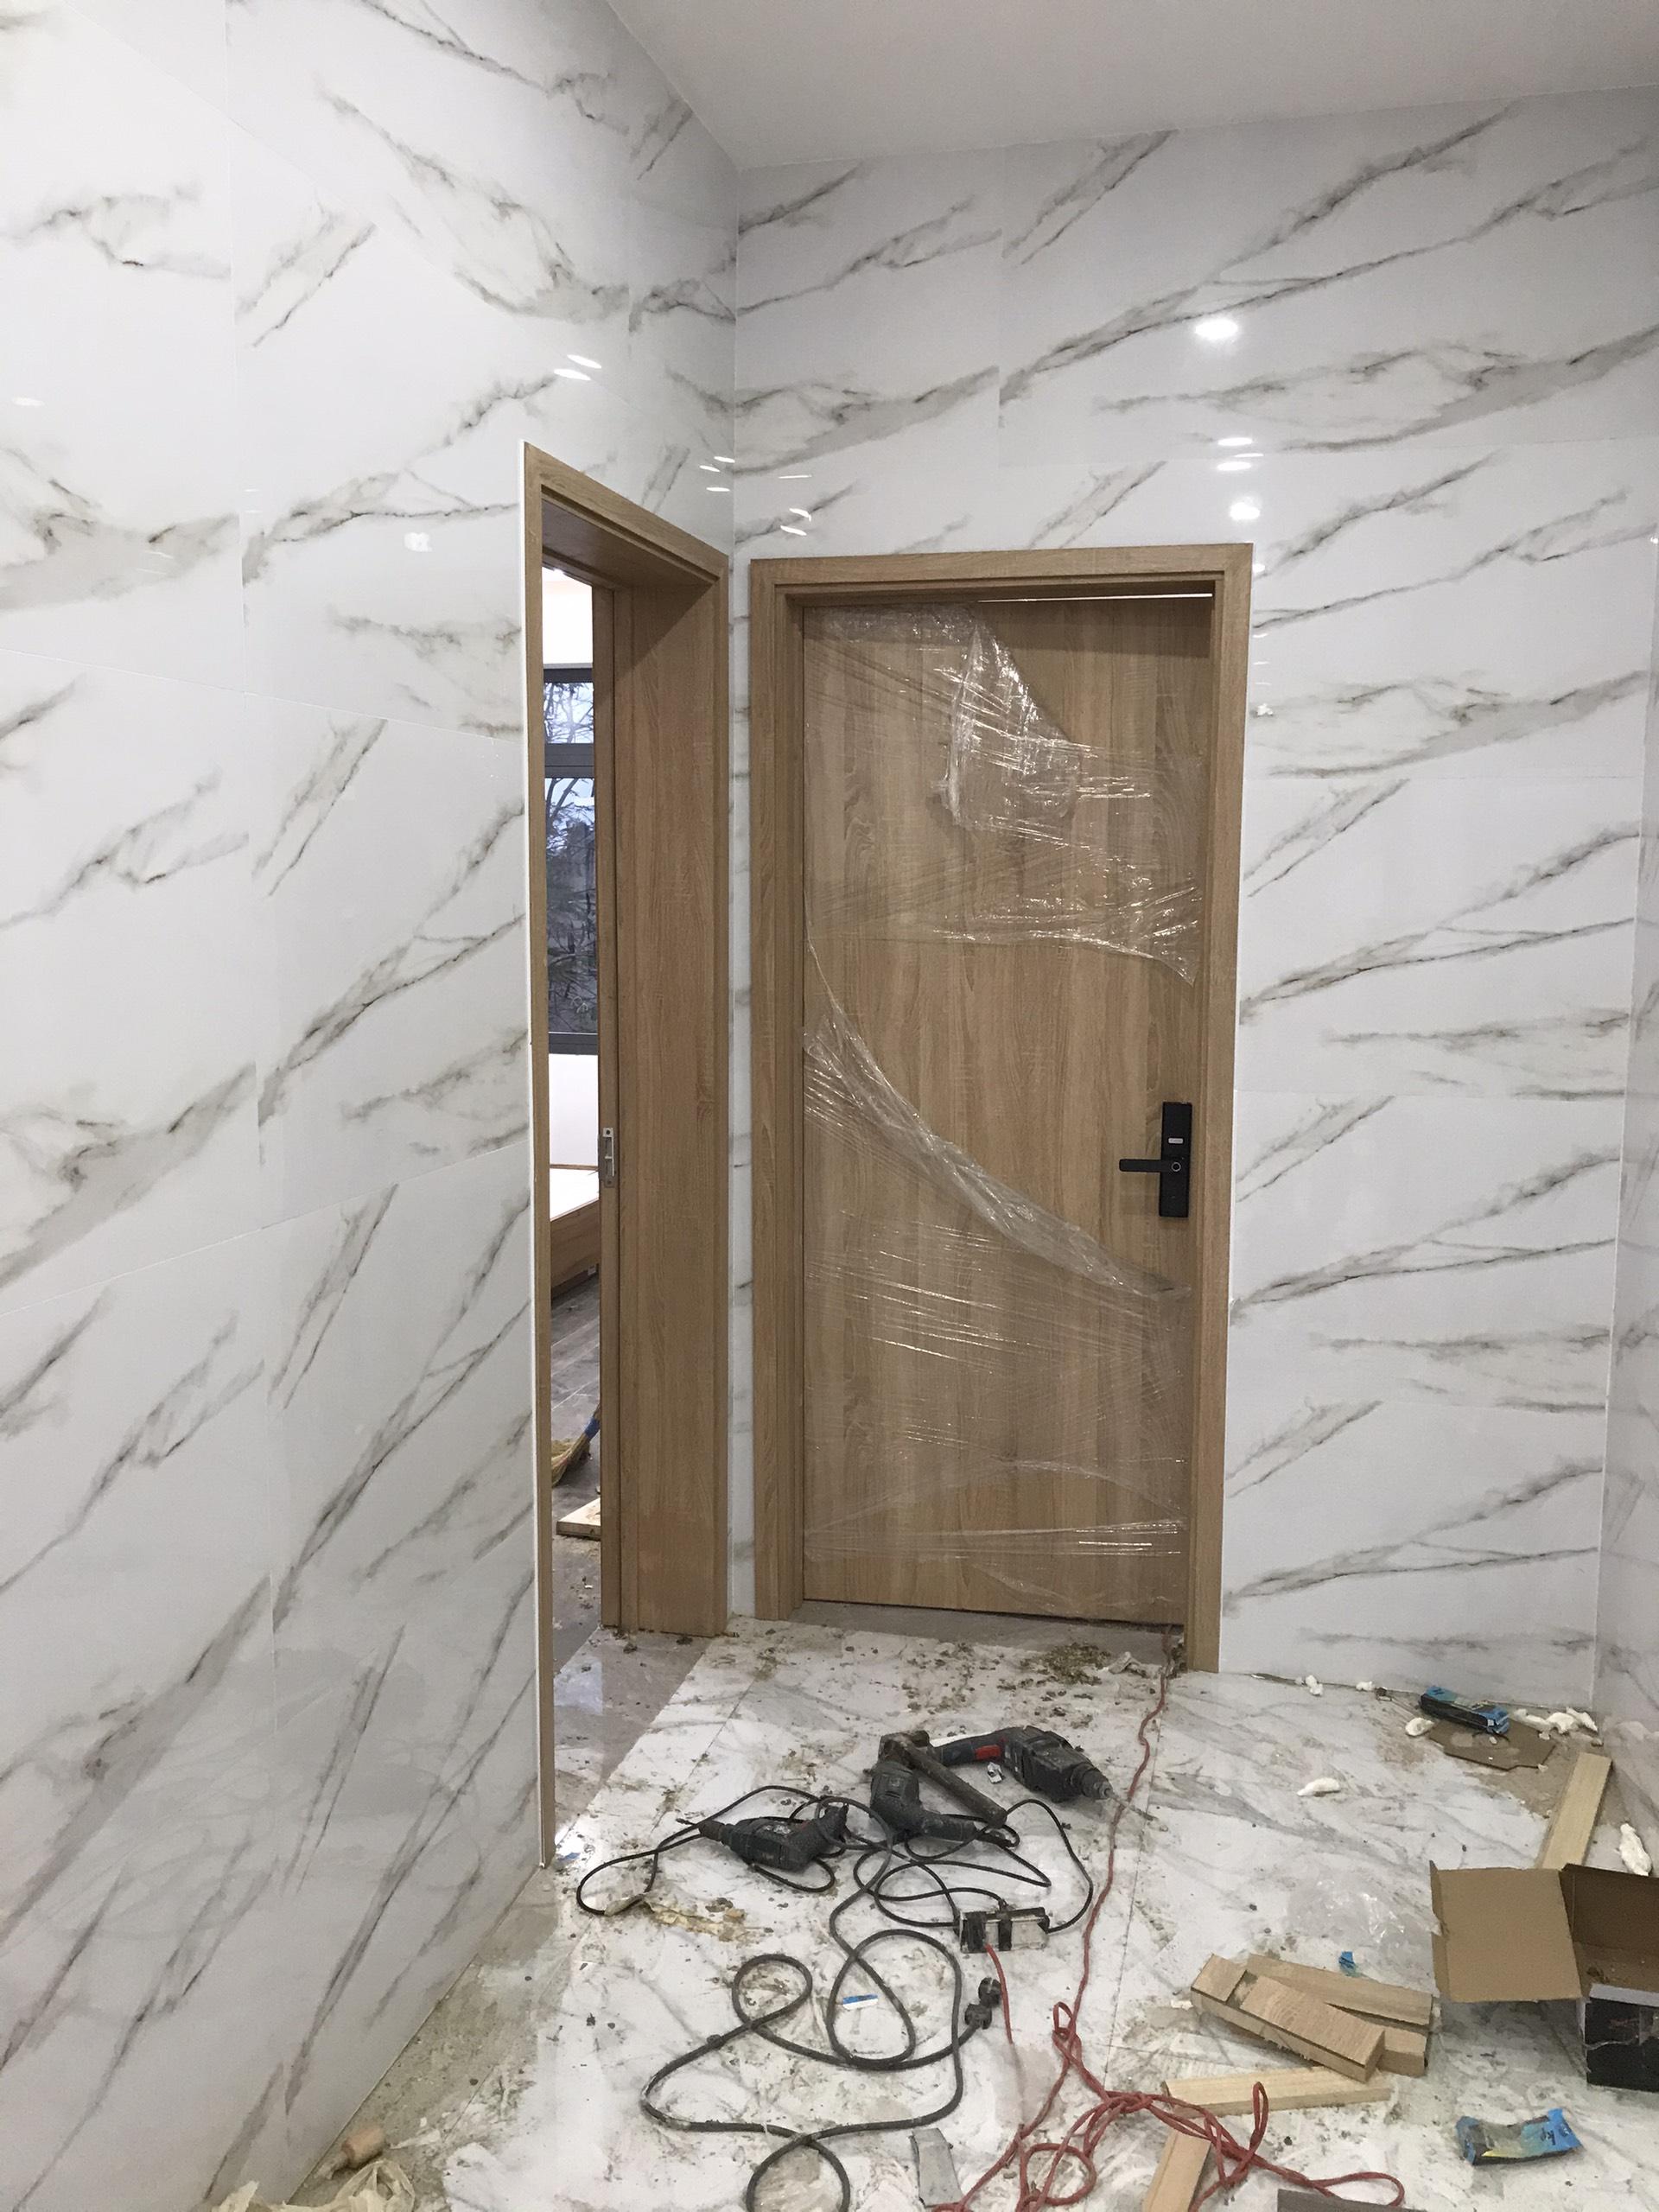 Mẫu cửa gỗ công nghiệp MDF MELAMINE - Cửa gỗ phòng ngủ hiện đại.